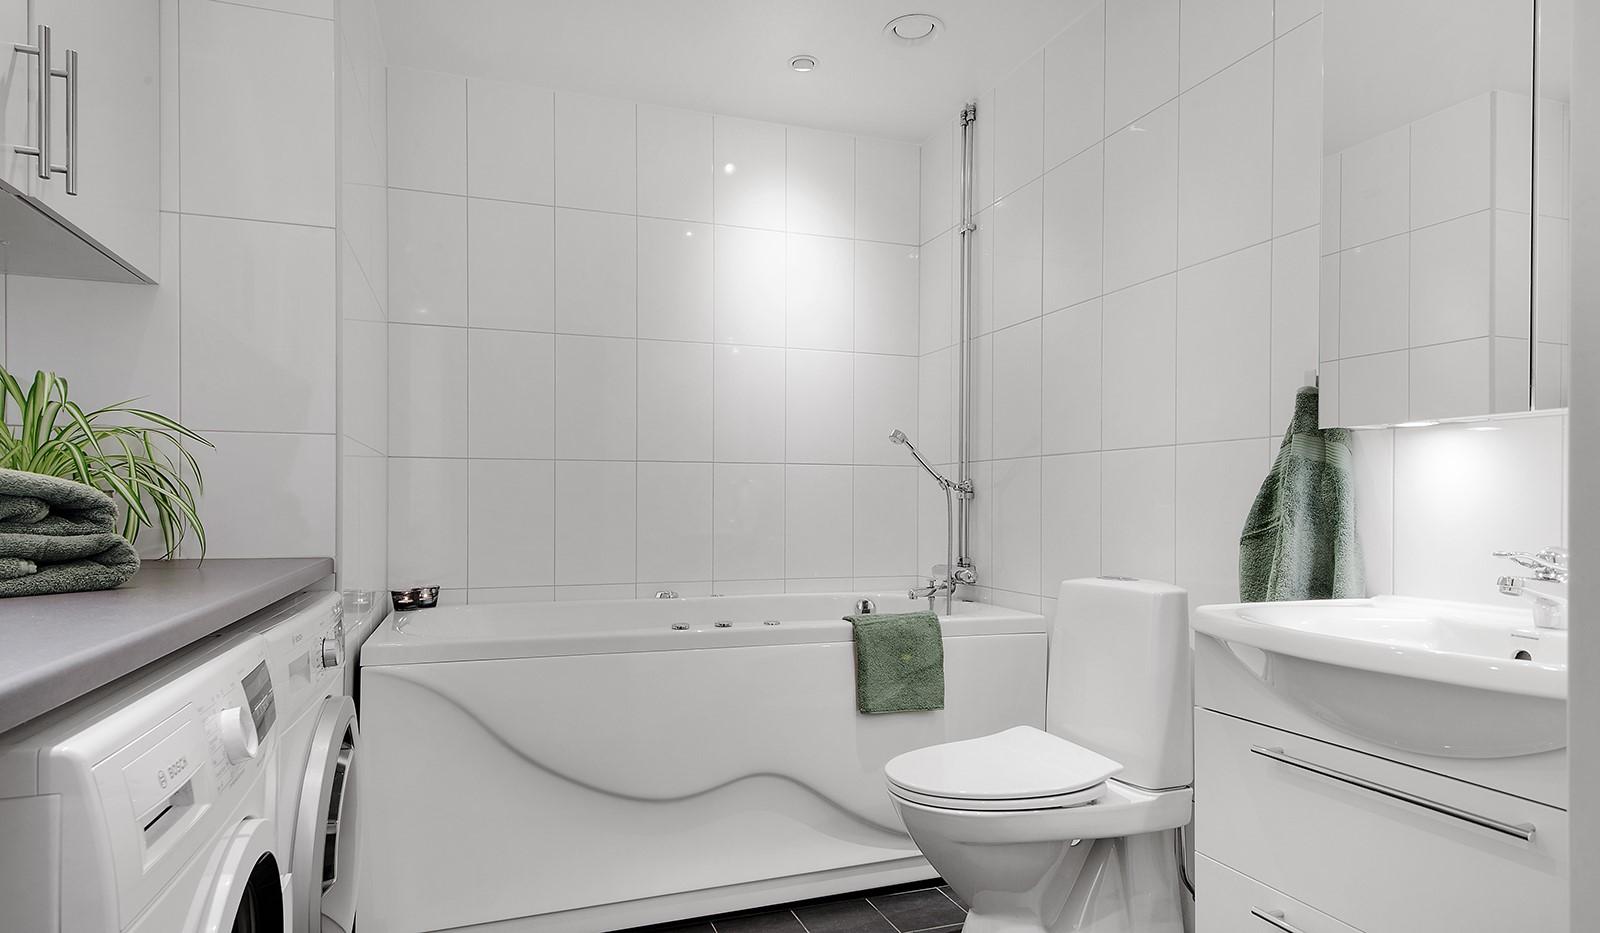 Grönbrinksgatan 6, 4tr - Stort och fräscht badrum med spa-badkar och tvättmöjligheter.